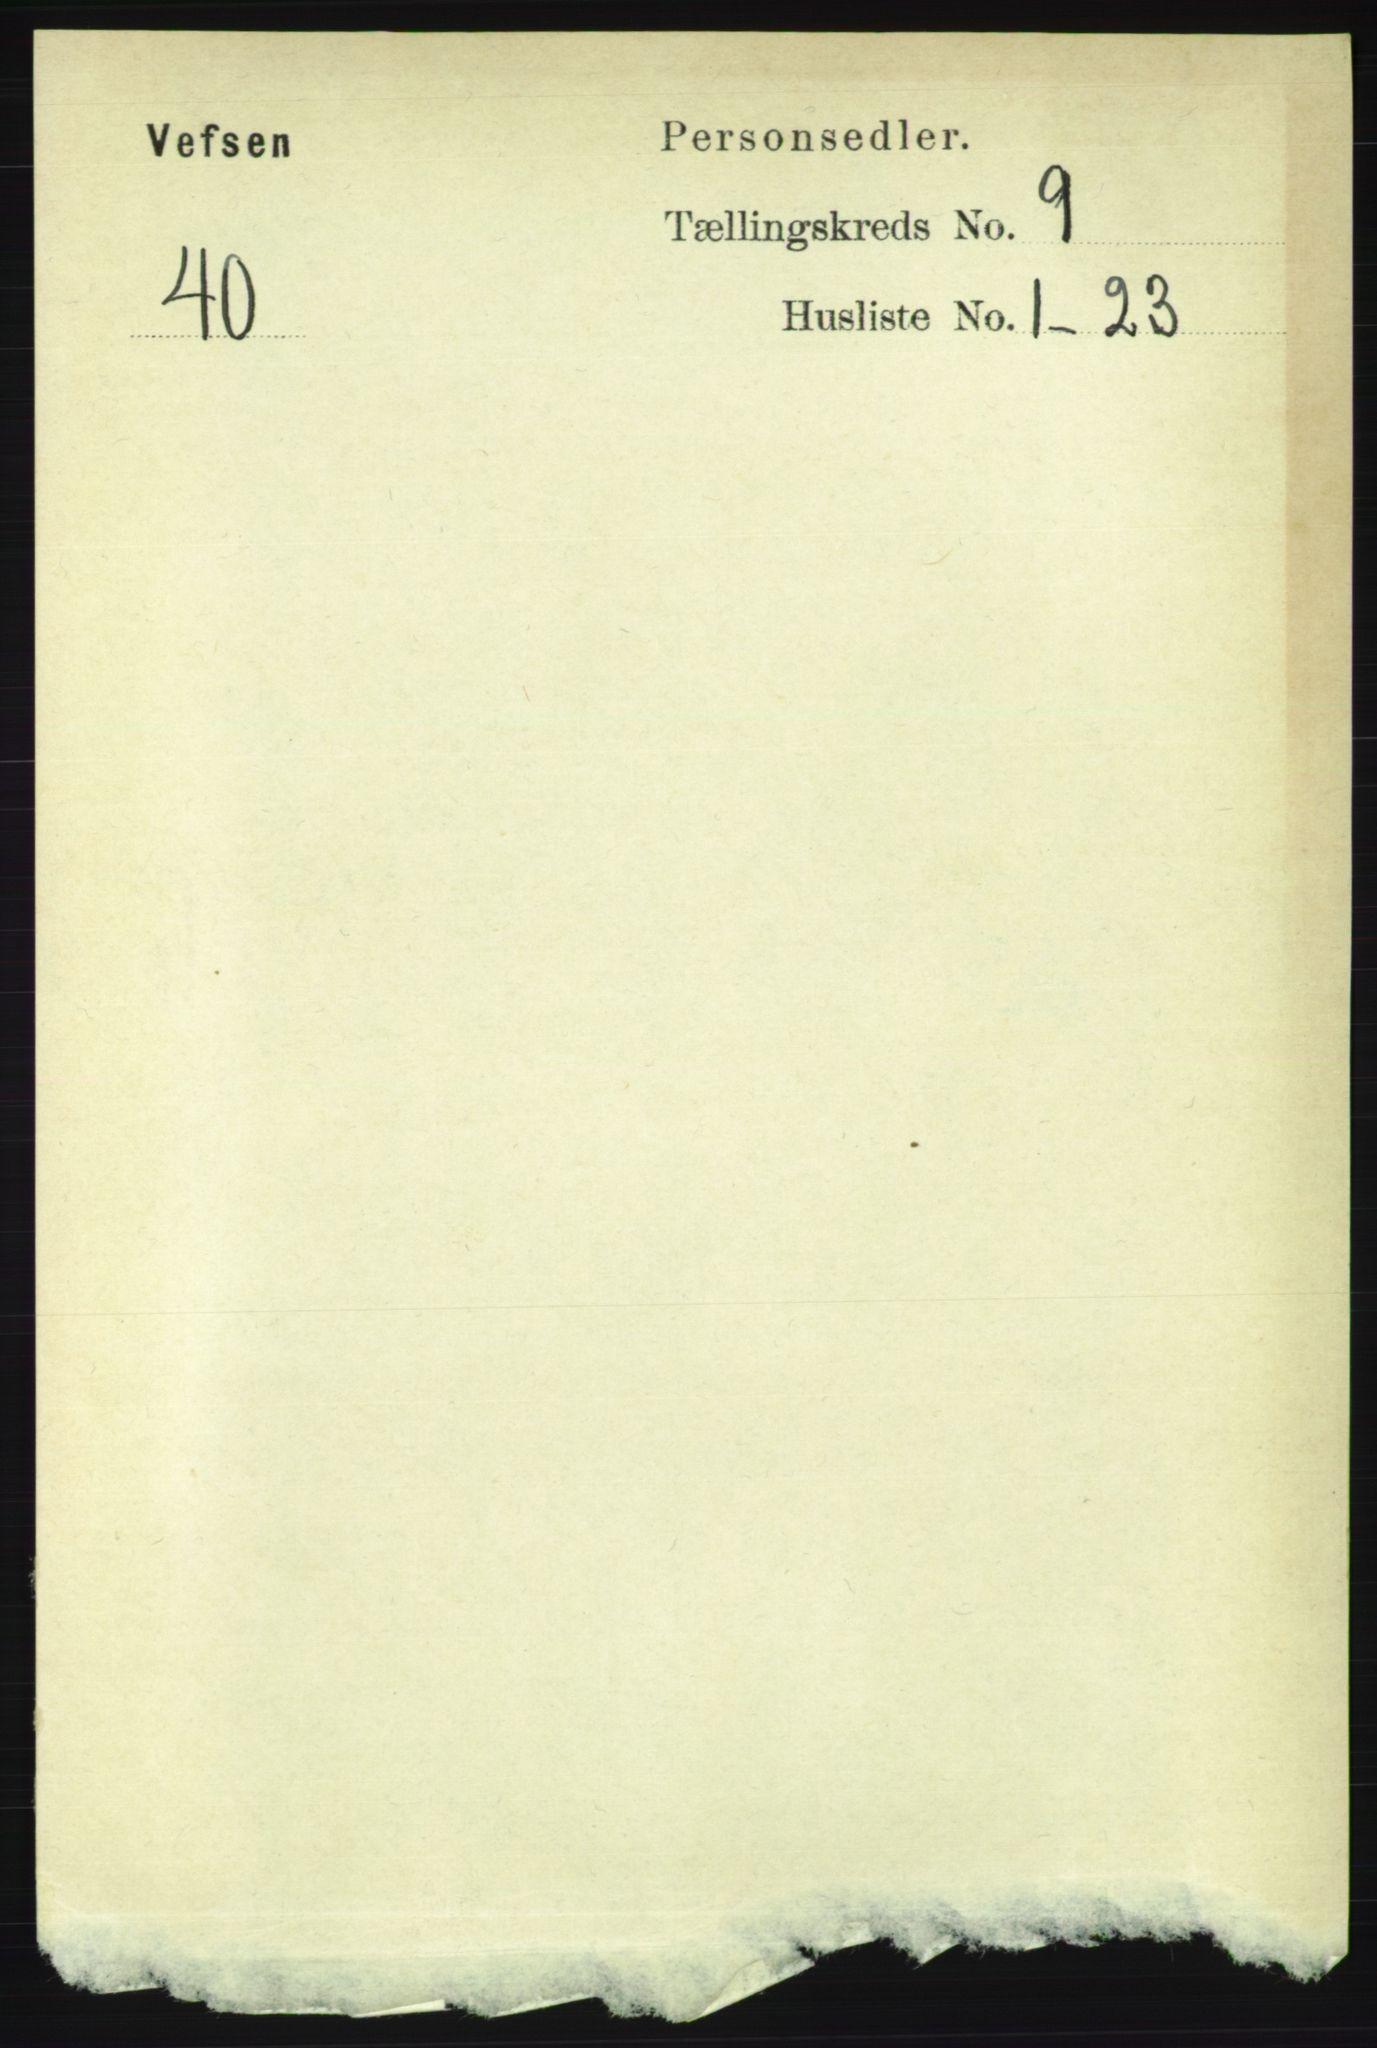 RA, Folketelling 1891 for 1824 Vefsn herred, 1891, s. 4695